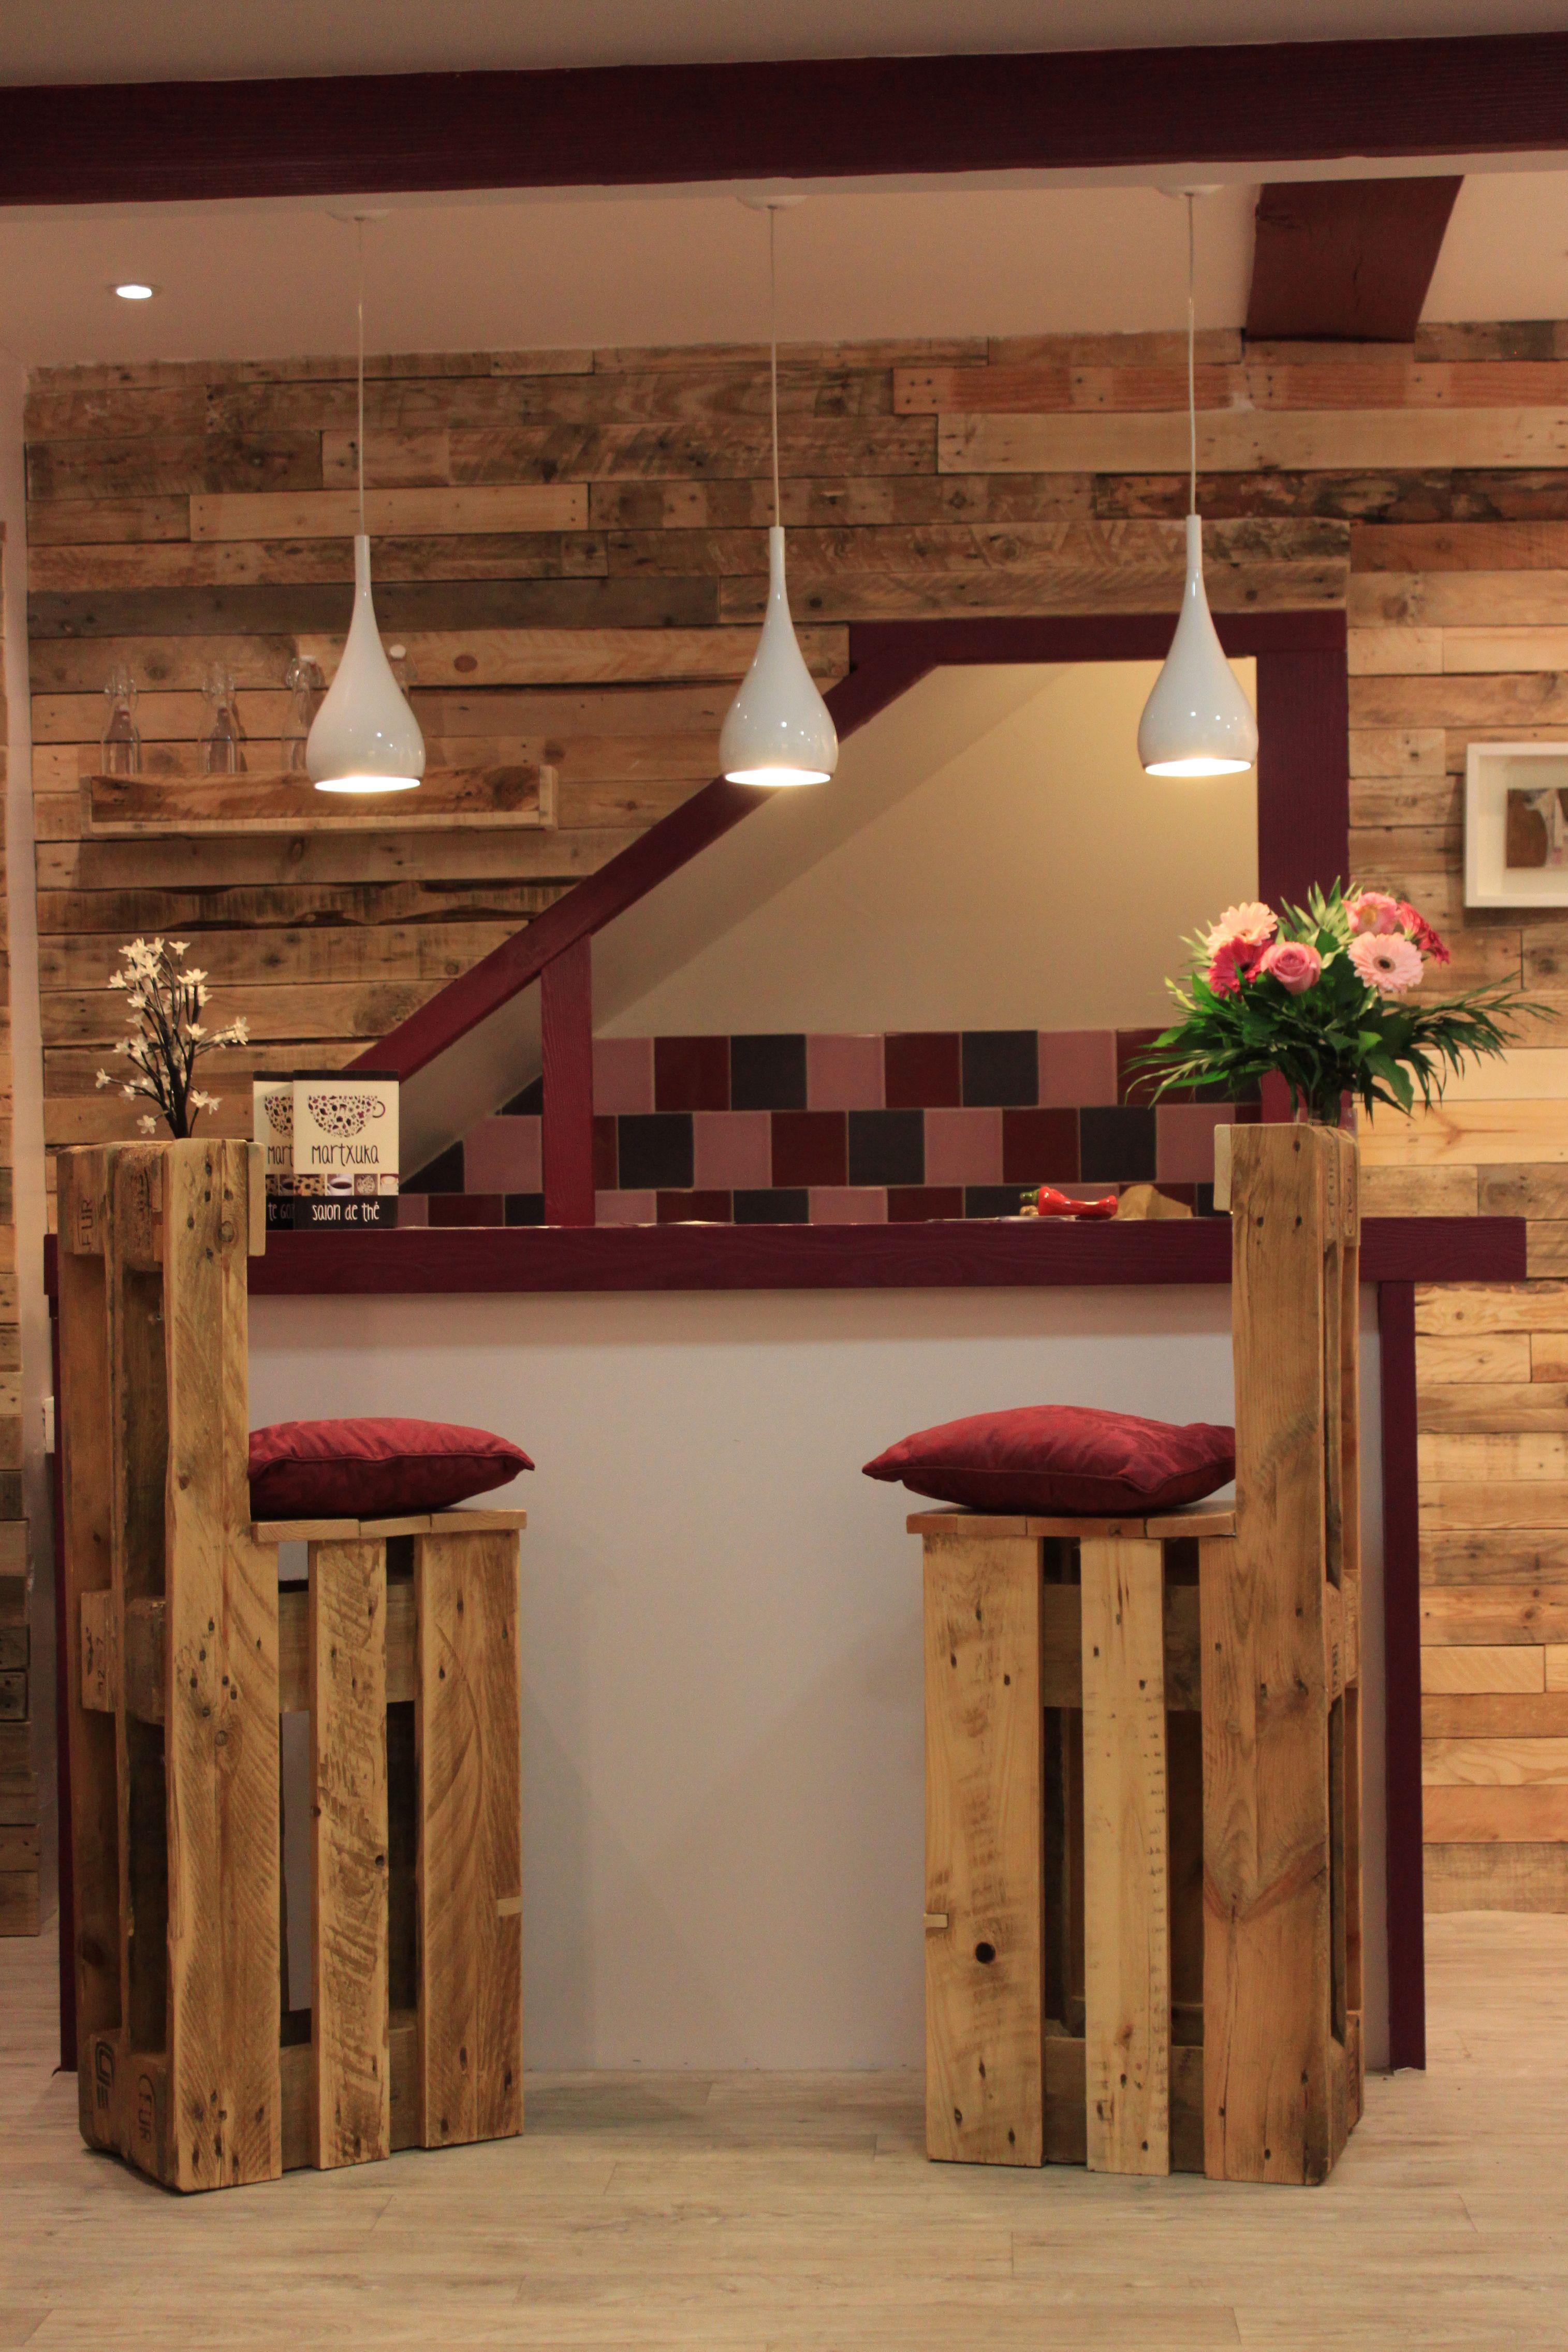 martxuka est une boutique salon de the a urrugne on y retrouve une belle carte de thes cafes chocolats chauds smoothies accompagnes de cucpakes